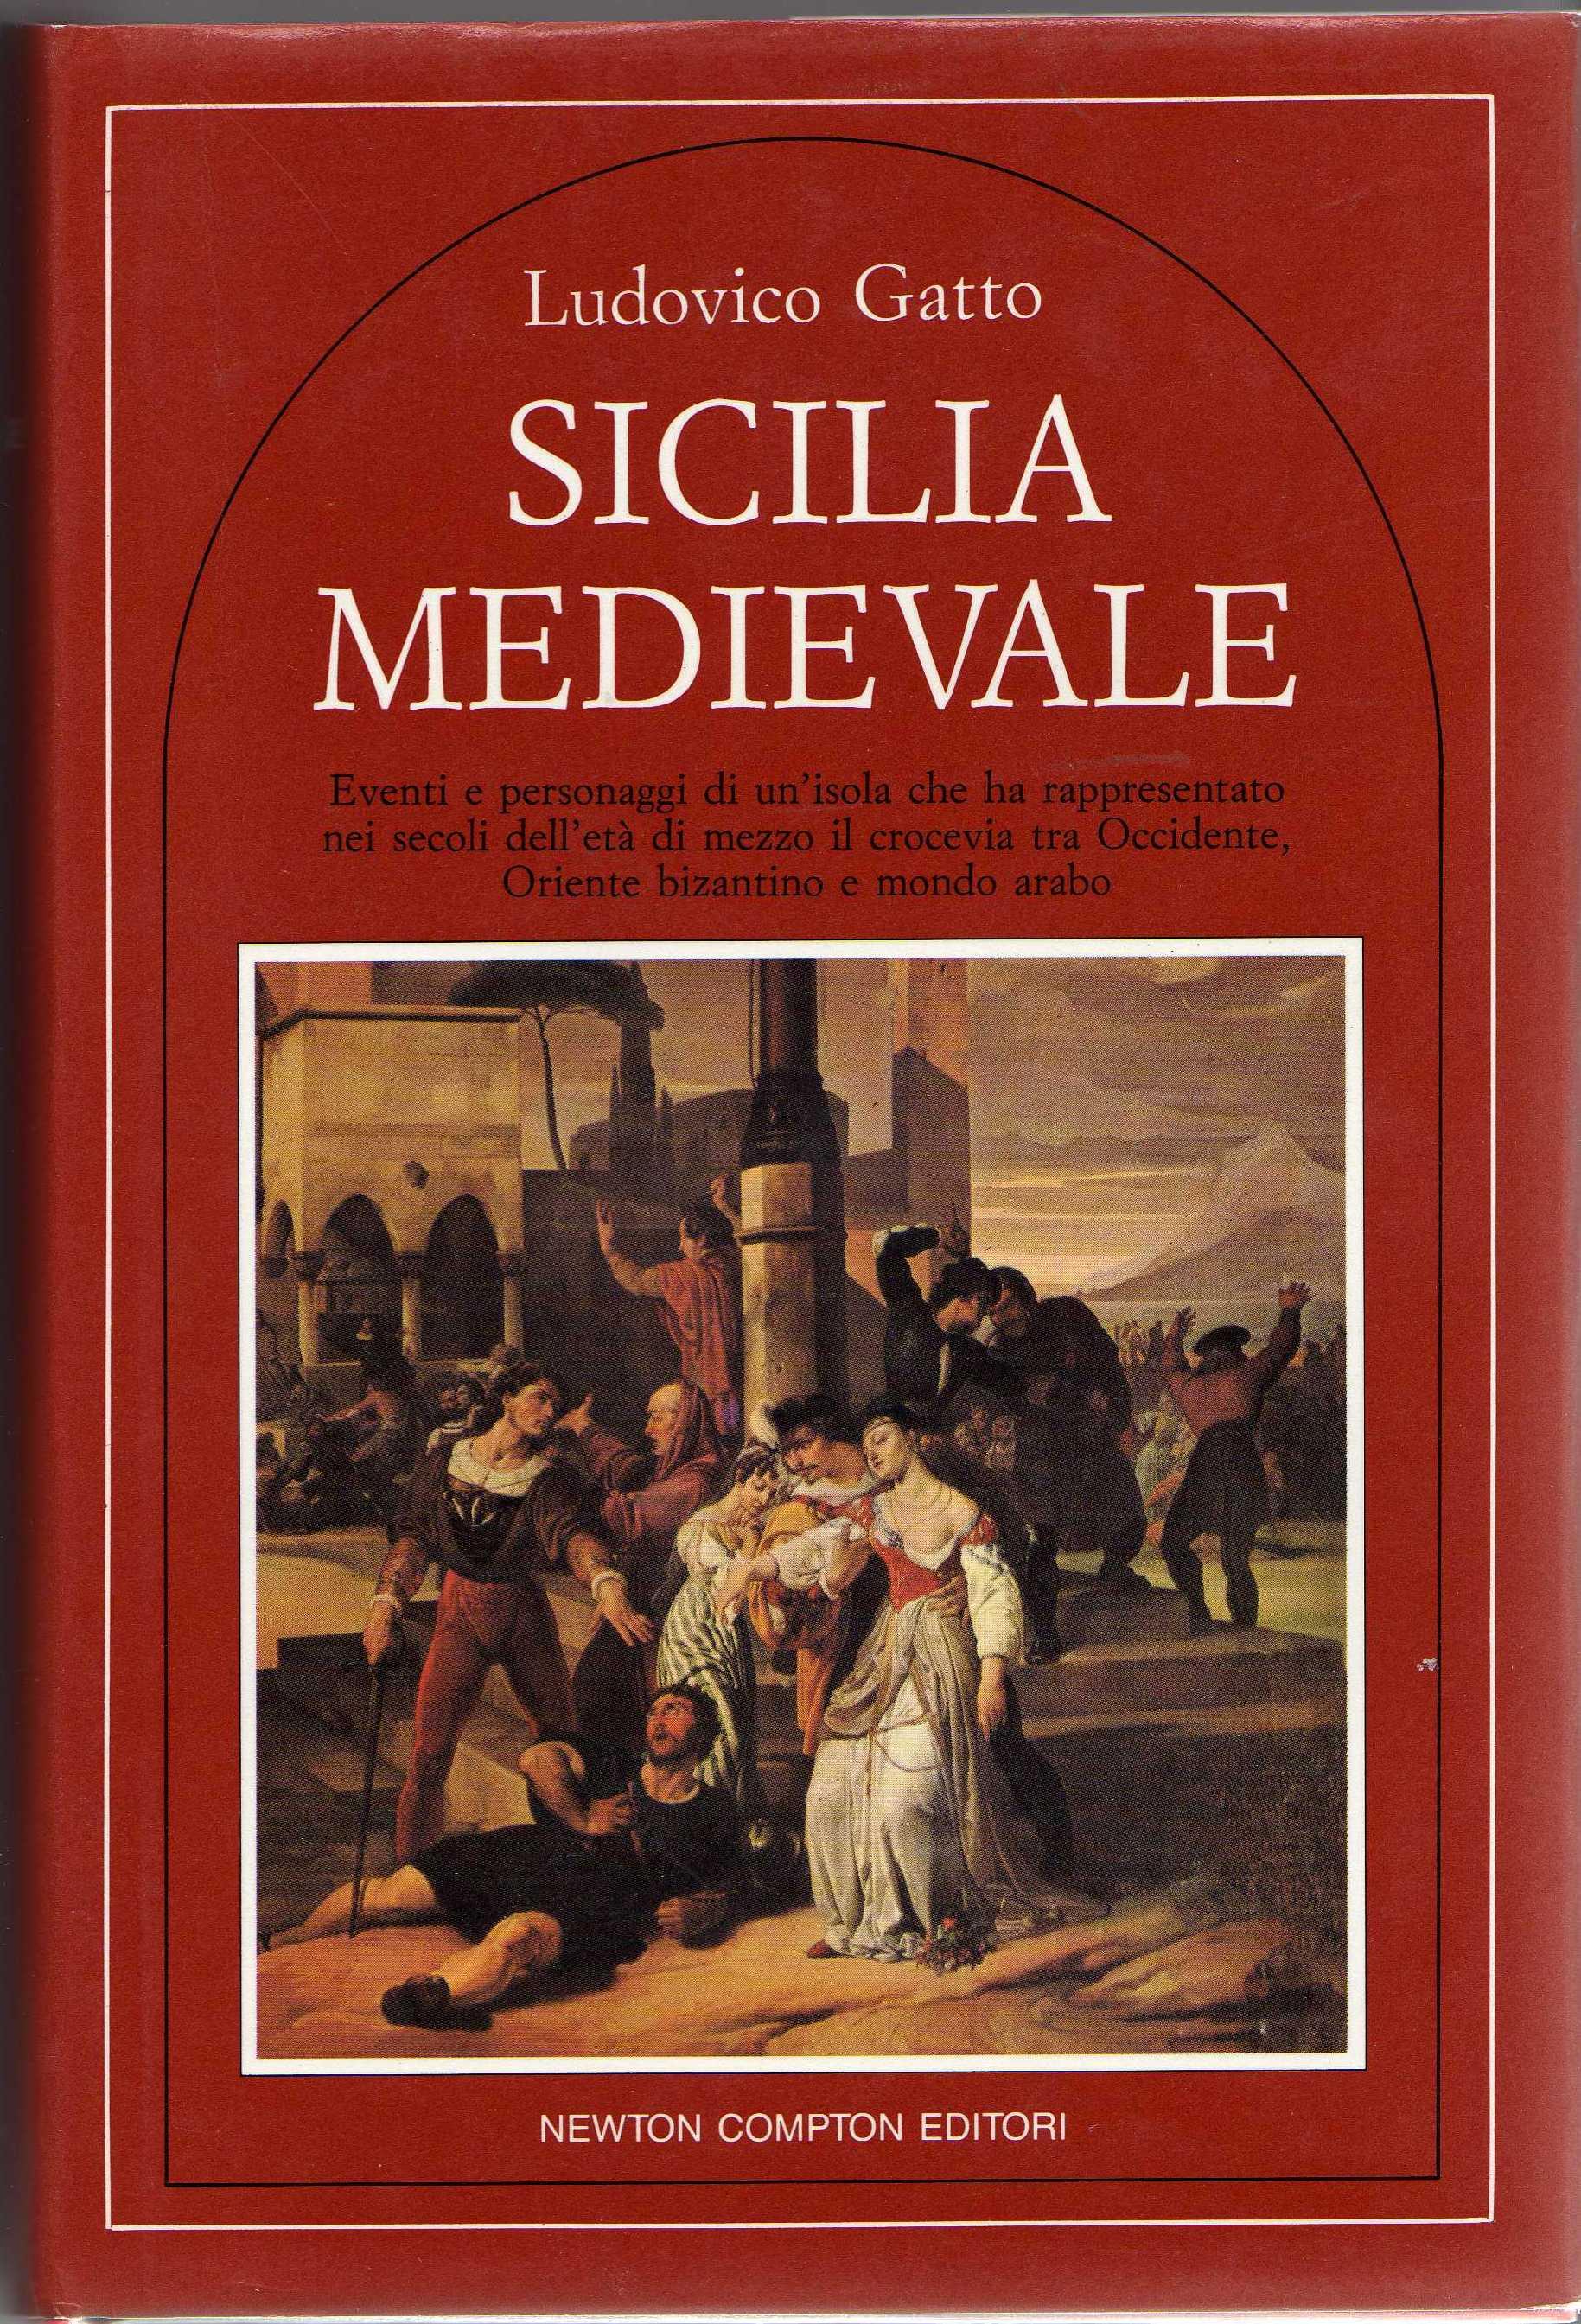 Sicilia medievale